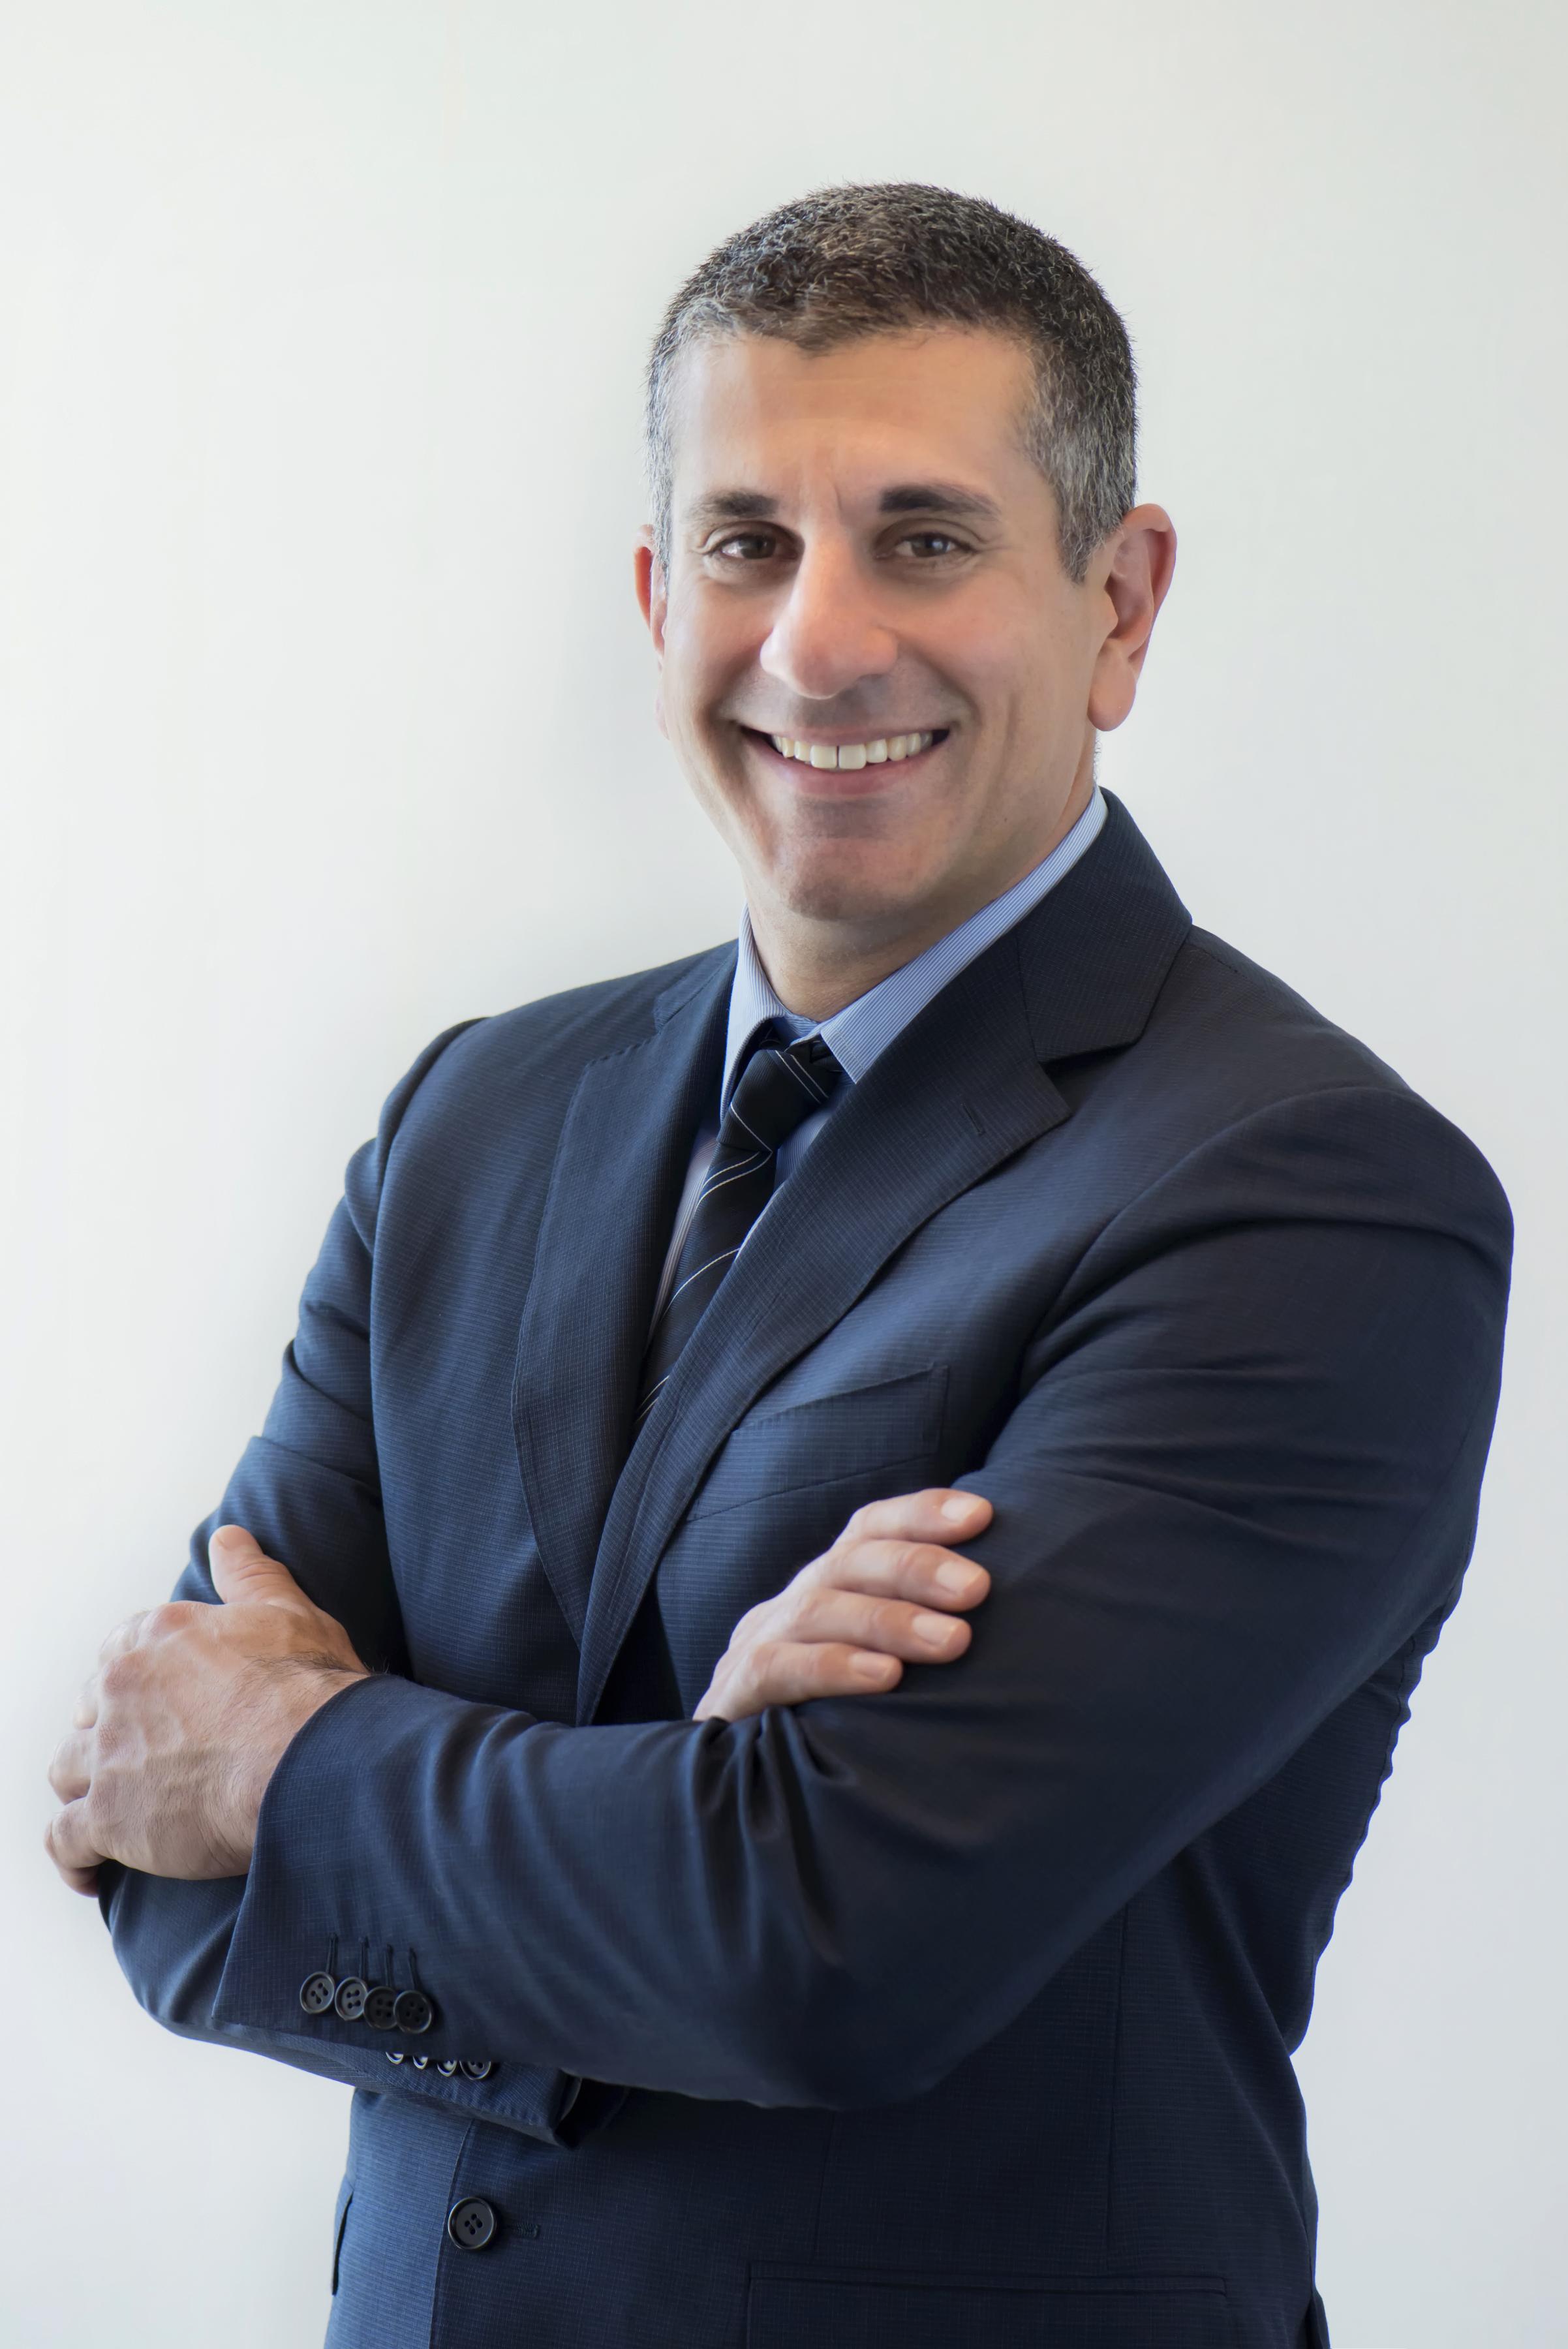 Ed Khediguian